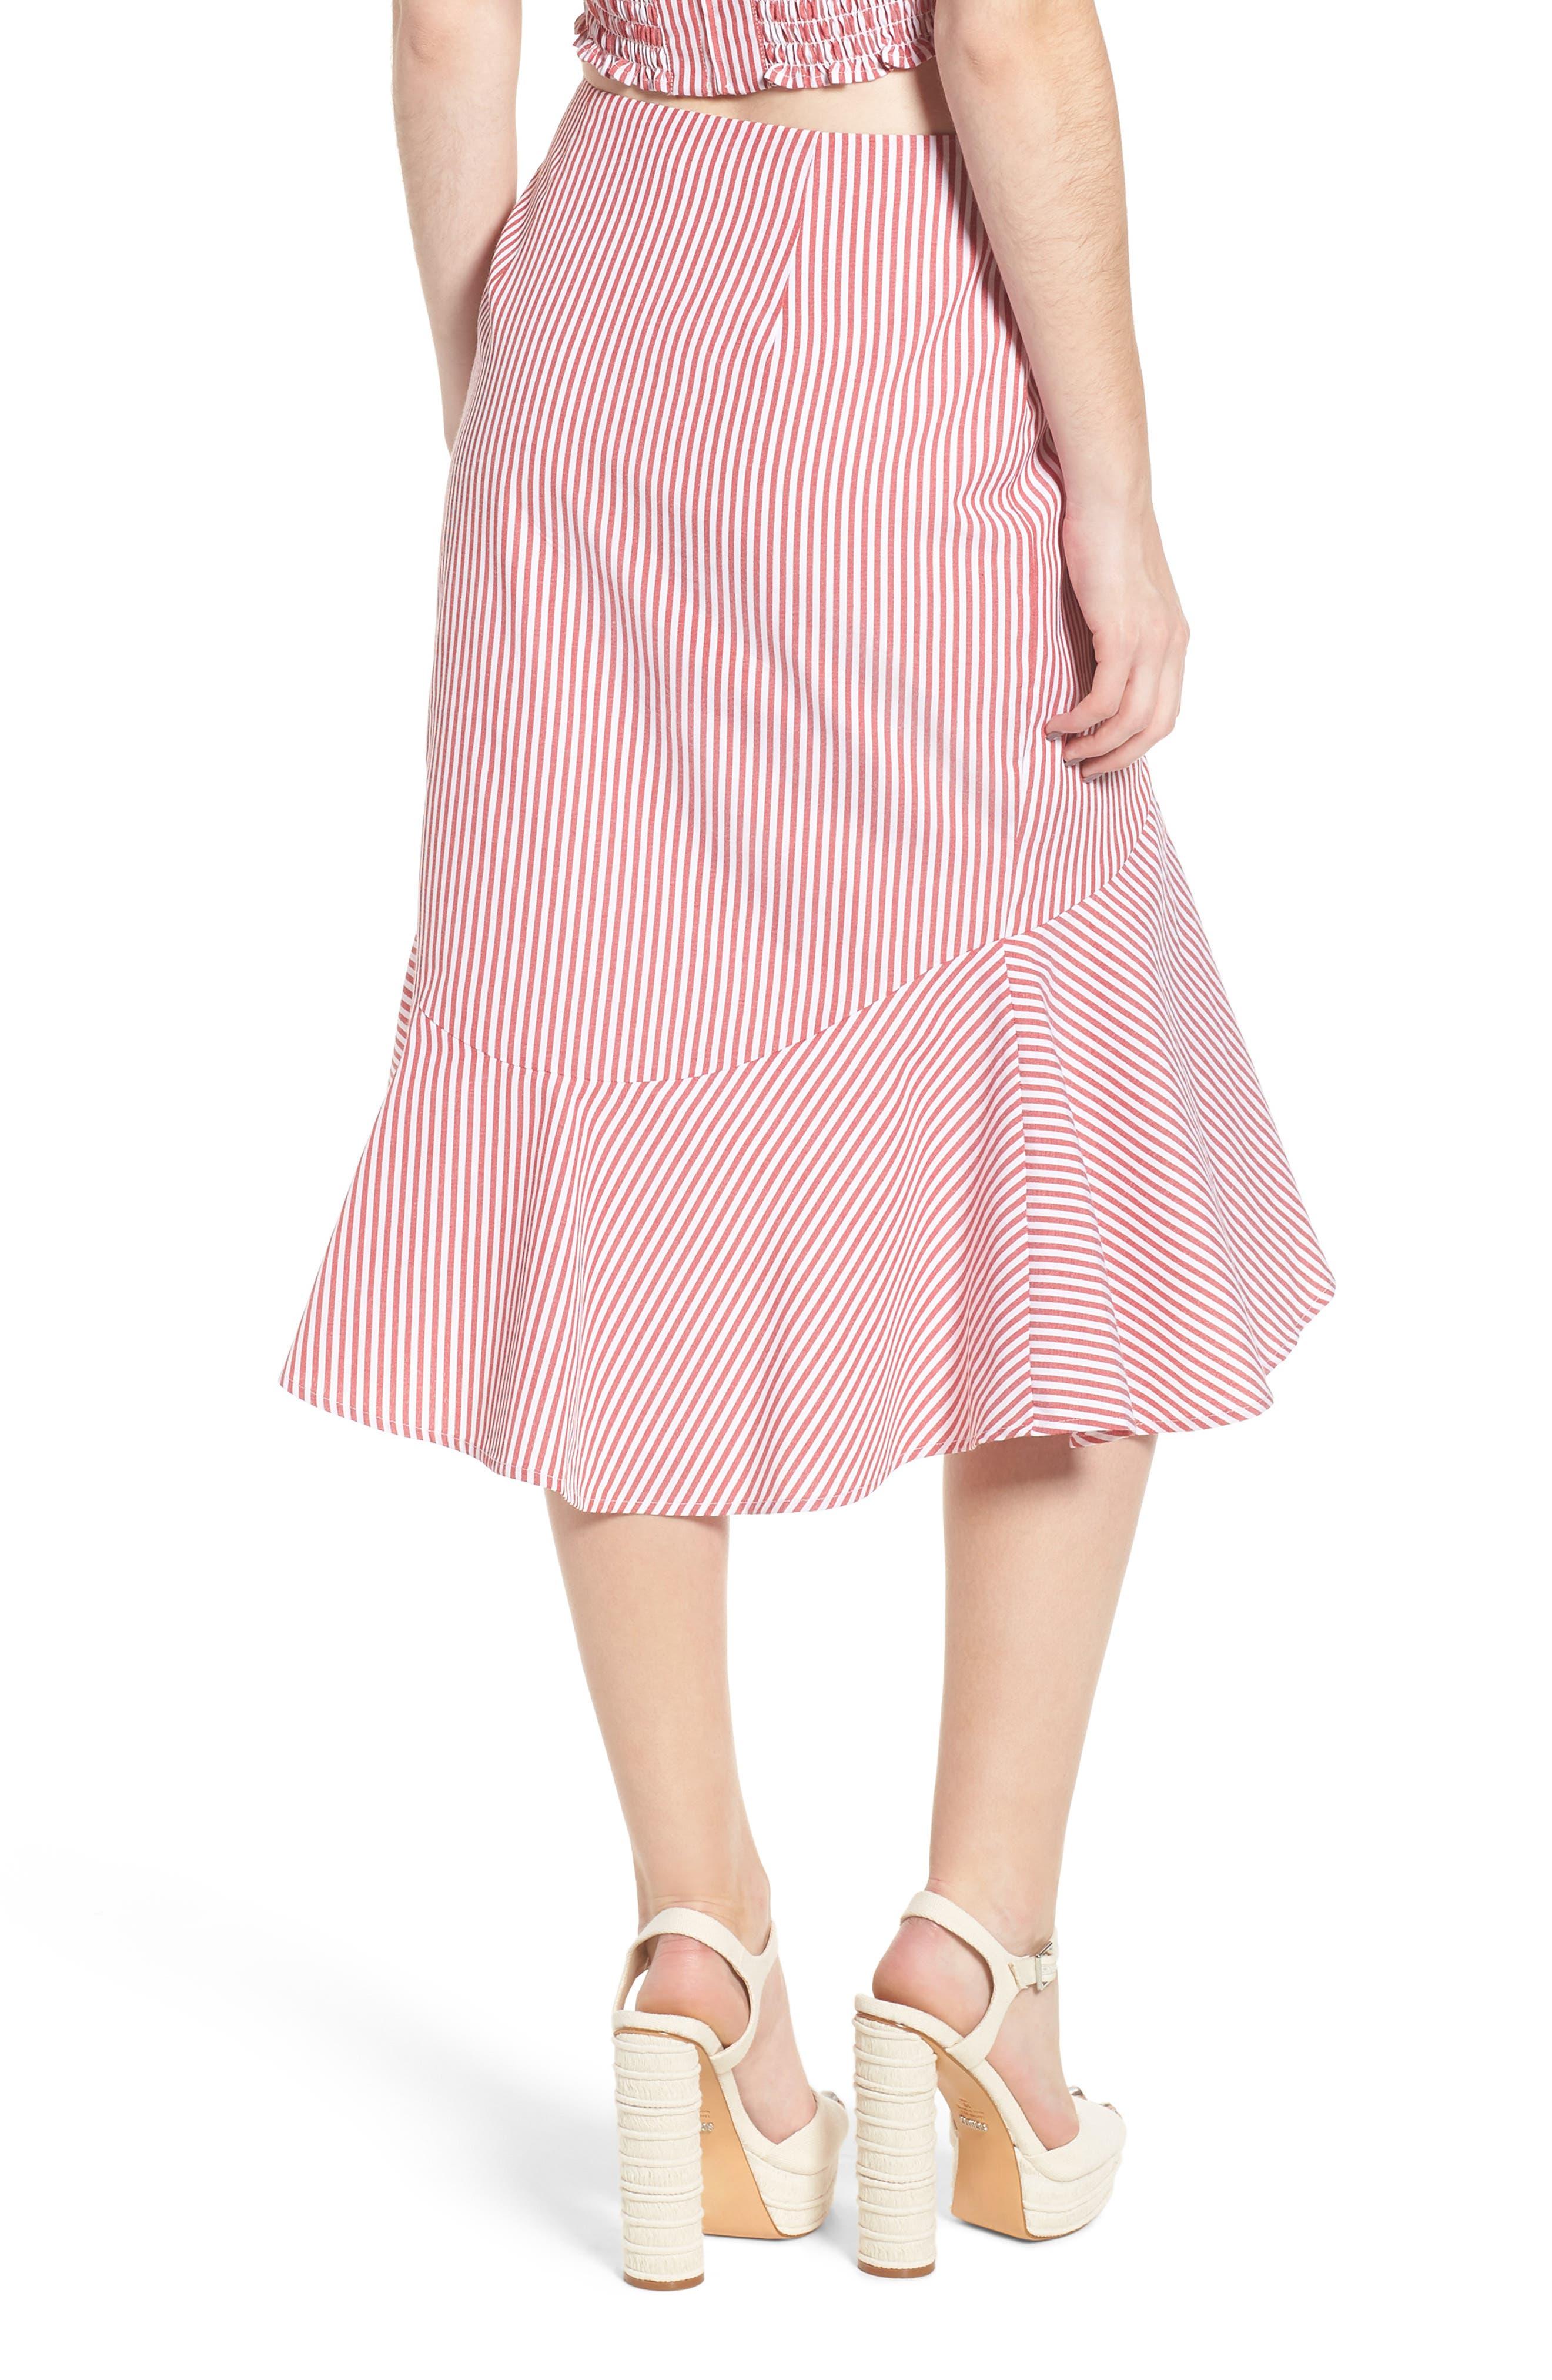 Naples Ruffle Skirt,                             Alternate thumbnail 2, color,                             Red Stripe